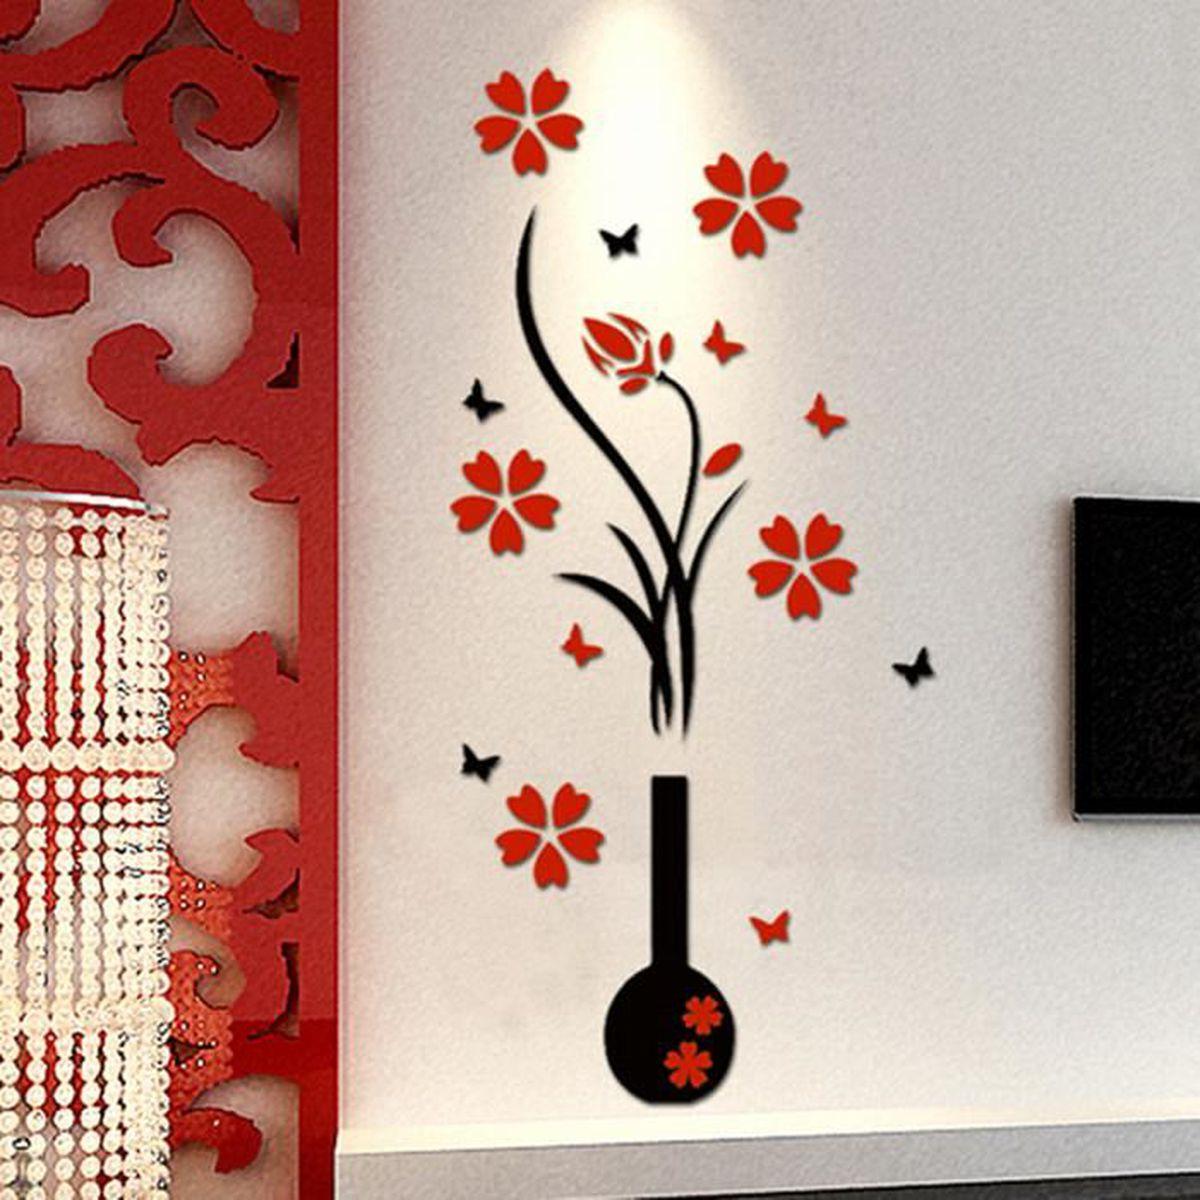 Diy 3d fleur vase stickers autocollant murale adh sive for Autocollant decoration murale